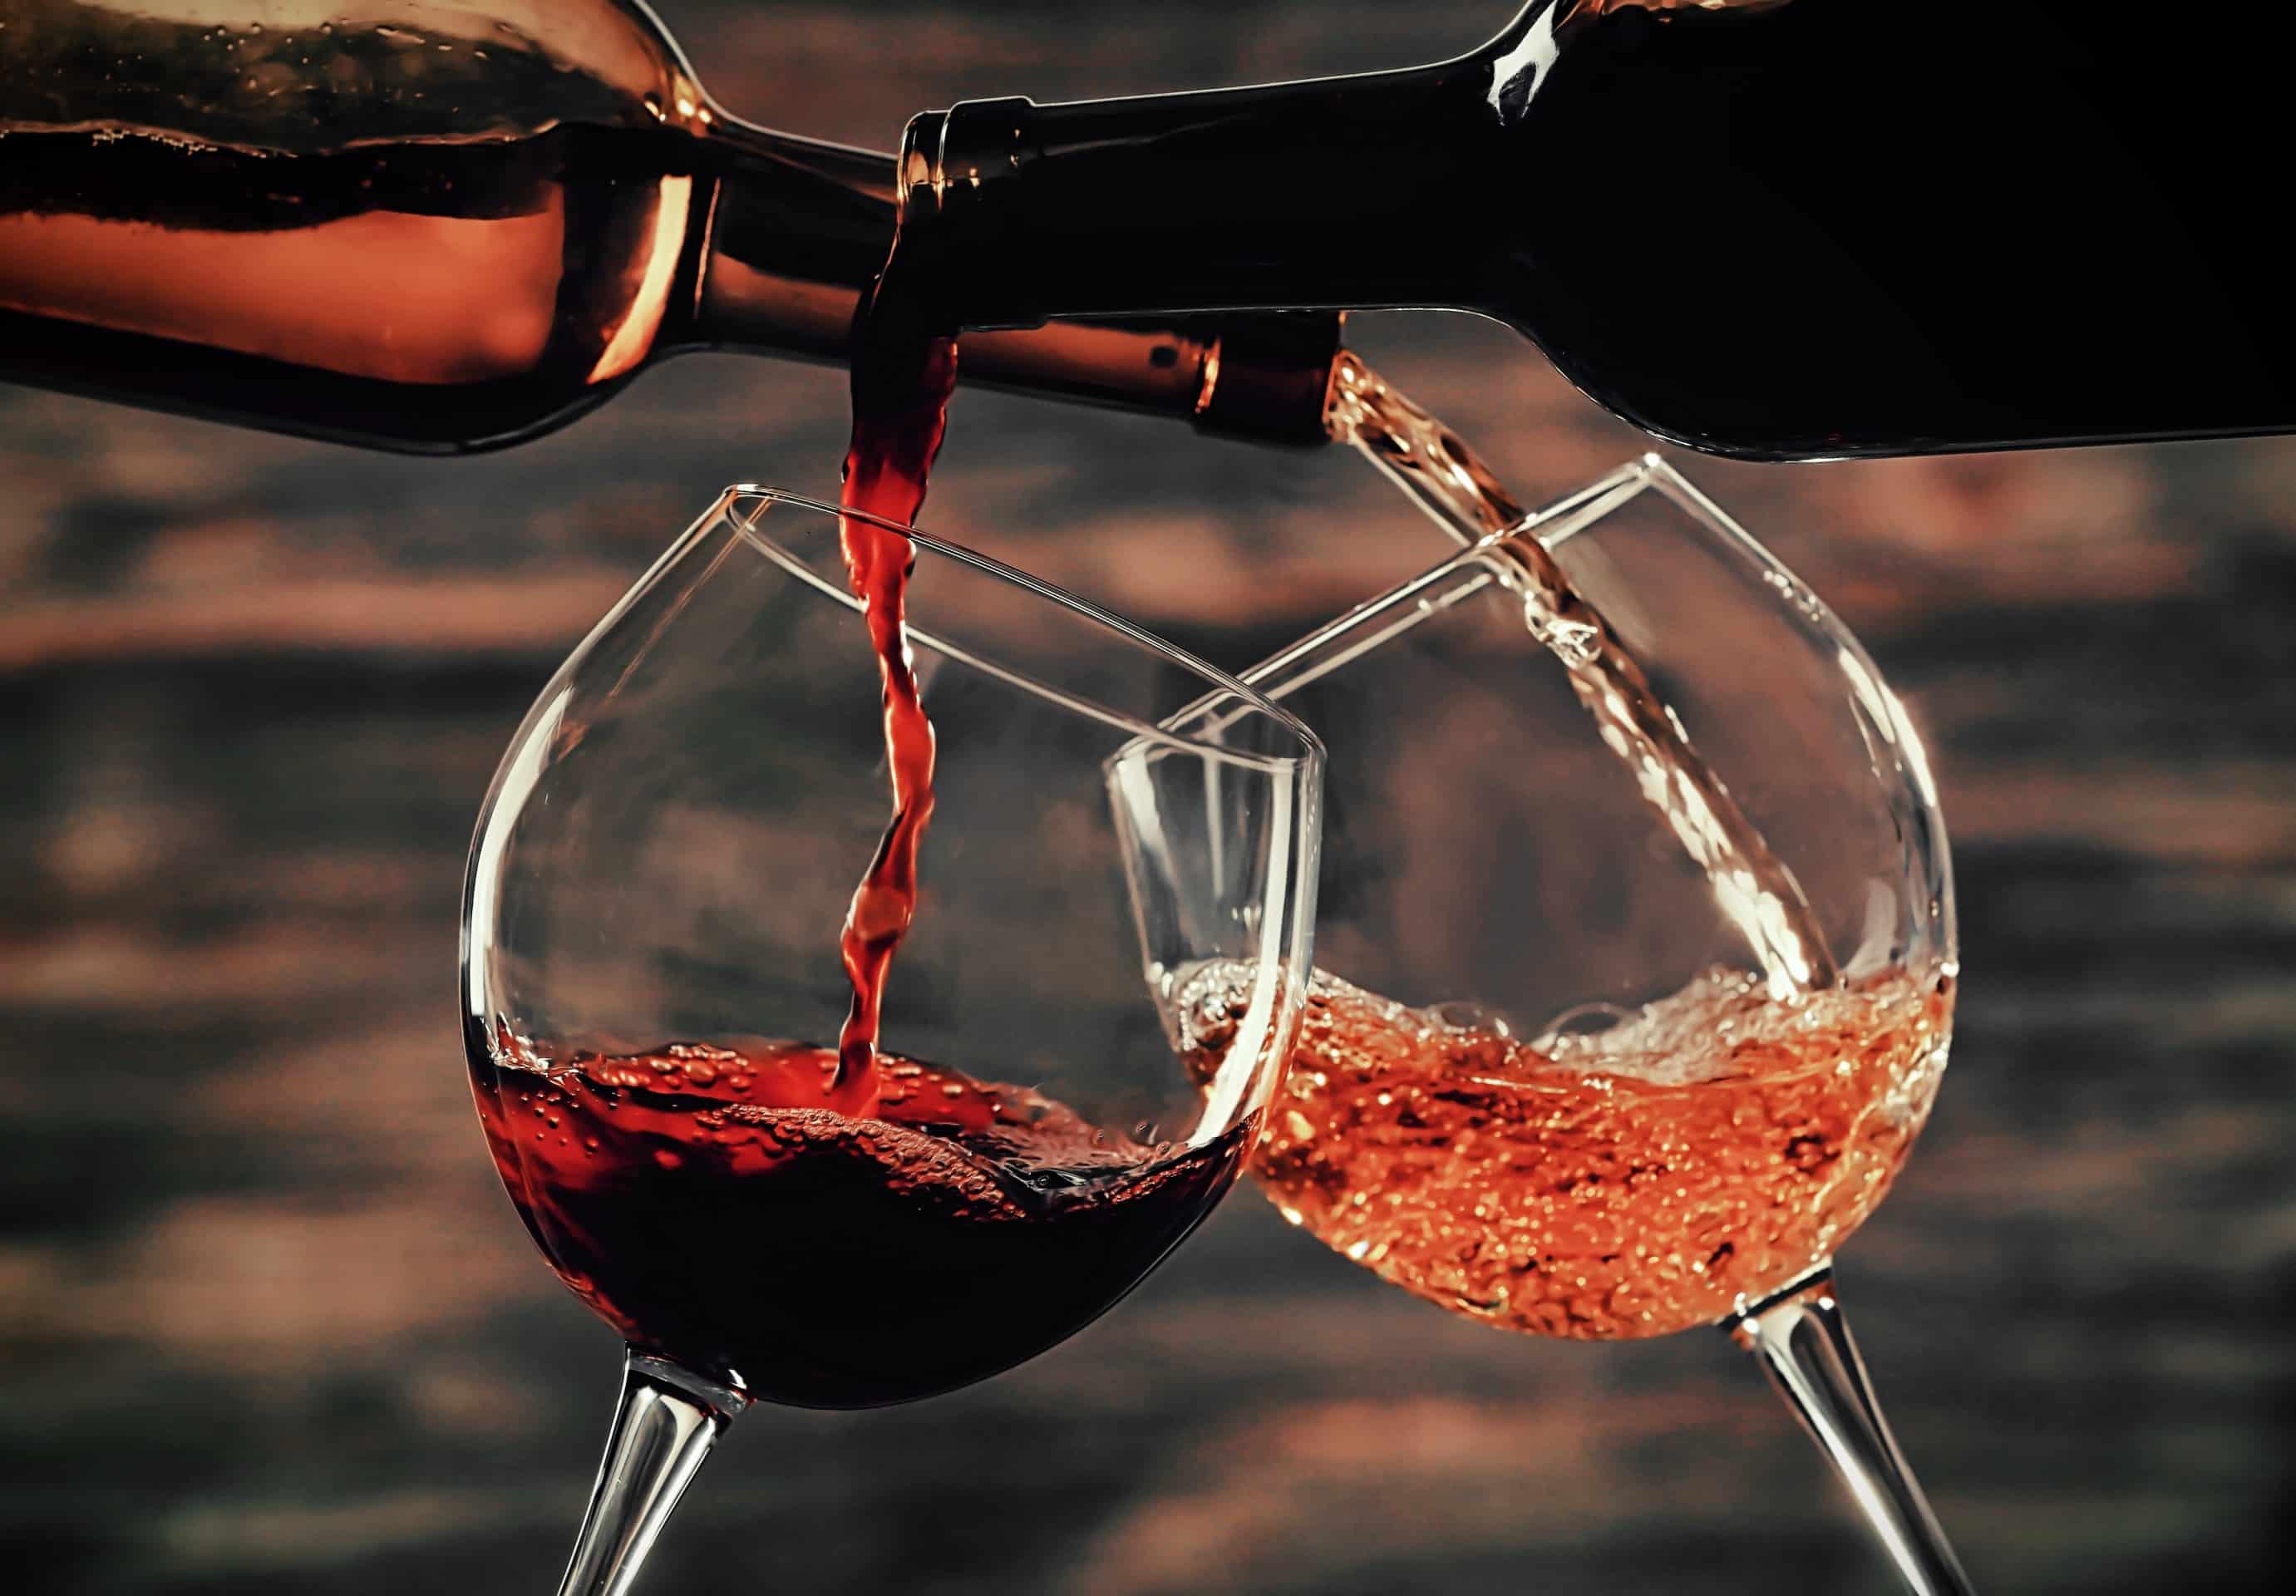 איך לשמור על היין טרי לאחר פתיחת הבקבוק – כל מה שעליכם לדעת